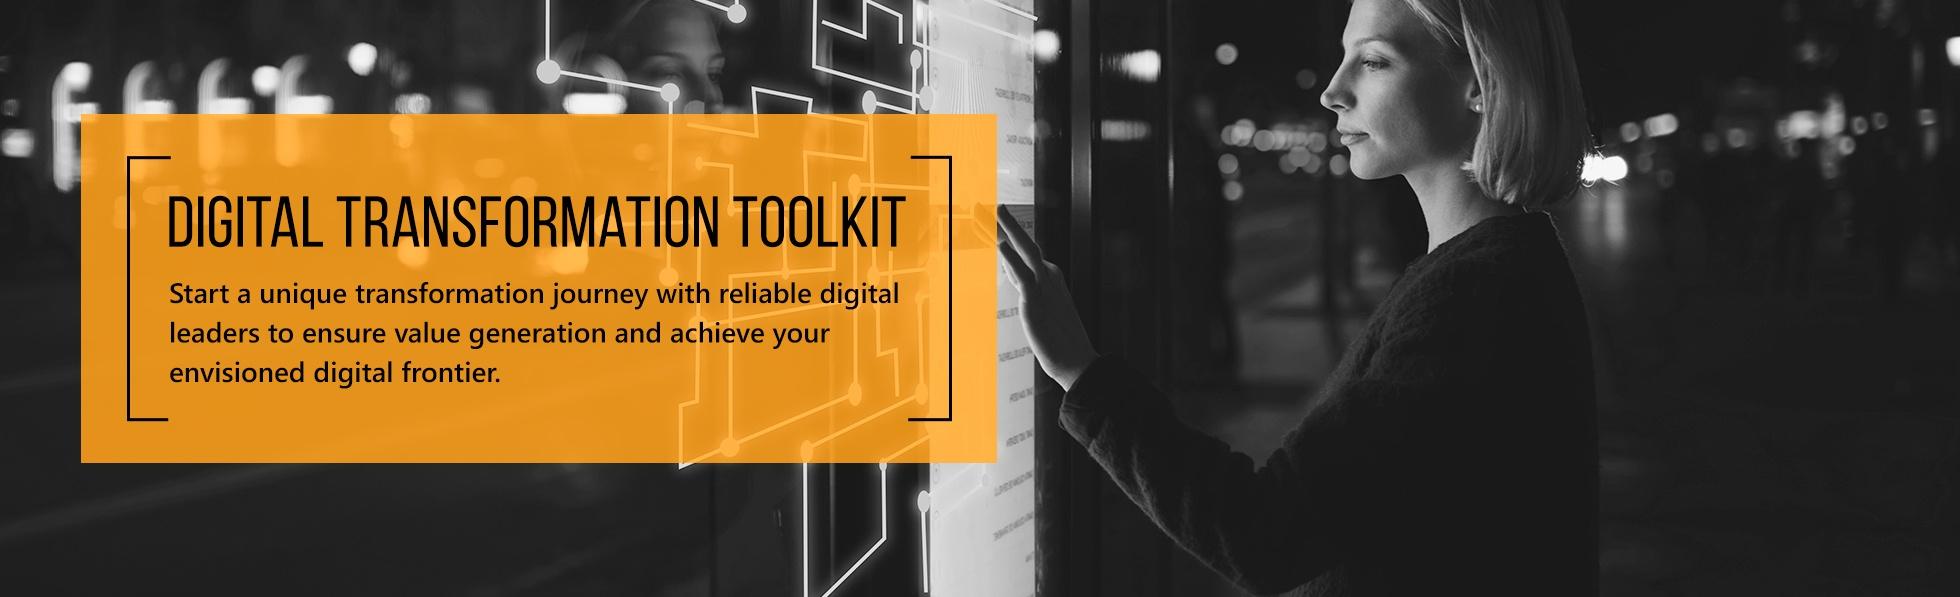 digital transformation toolkit_.jpg